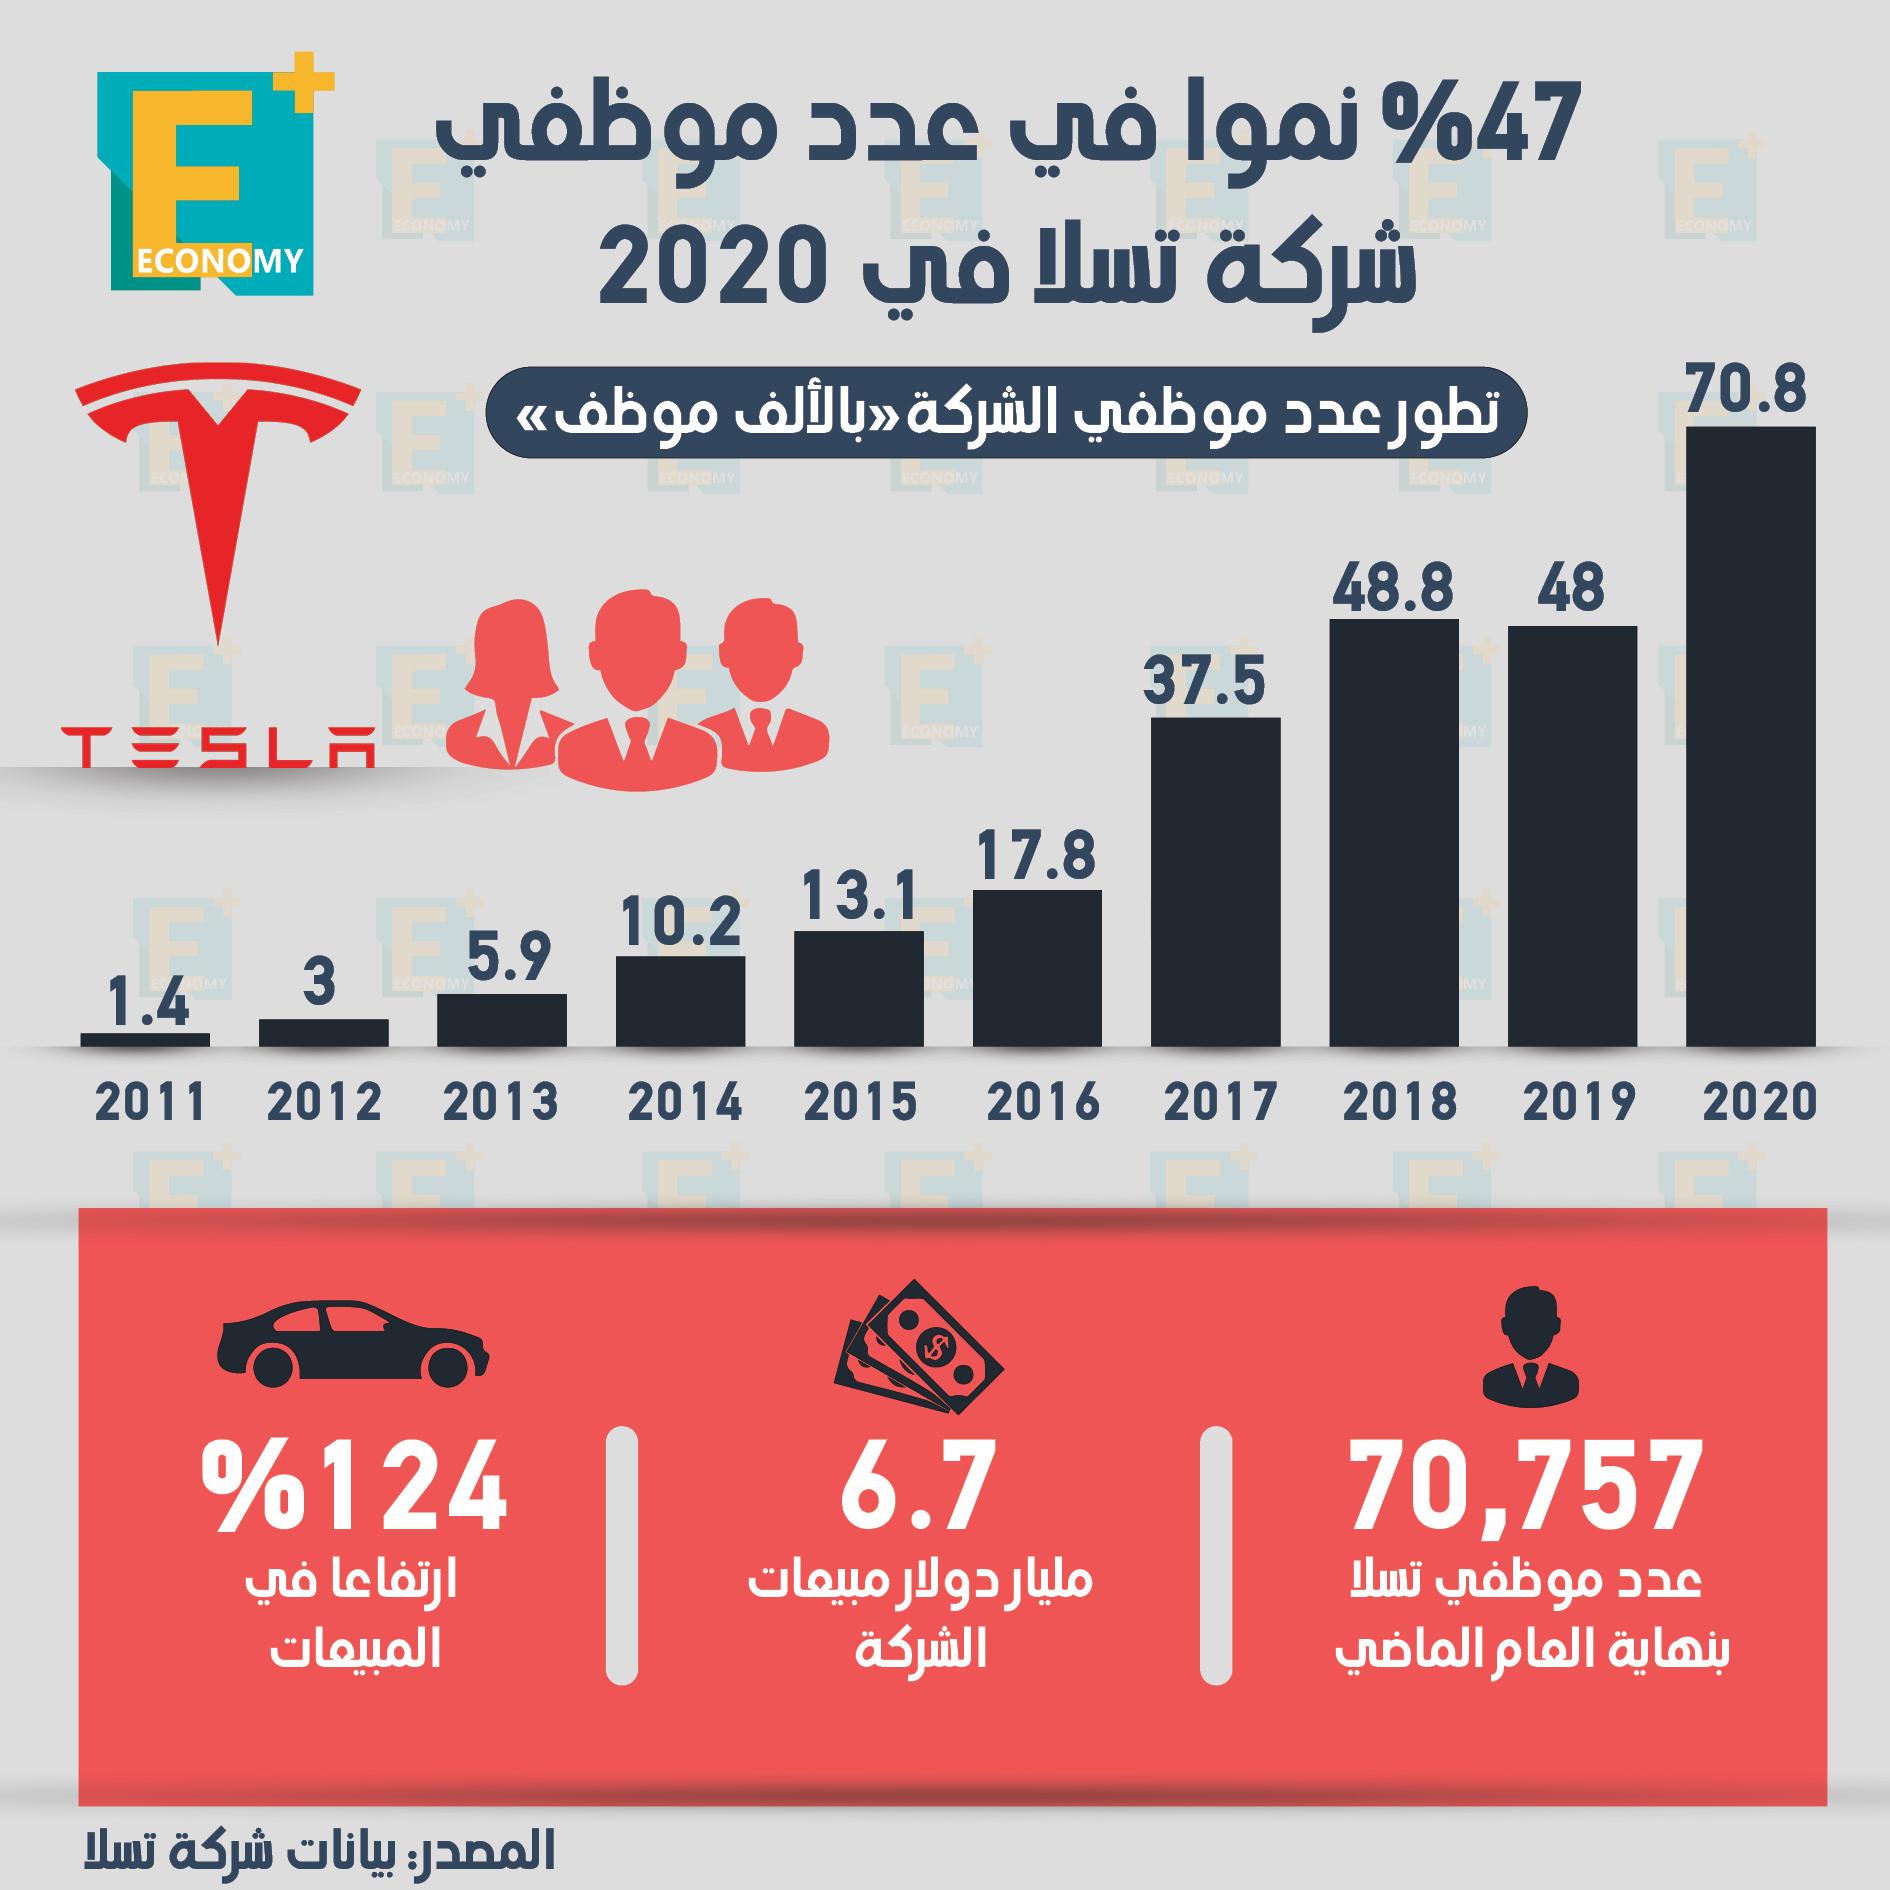 %47 نموا في عدد موظفي شركة تسلا في 2020